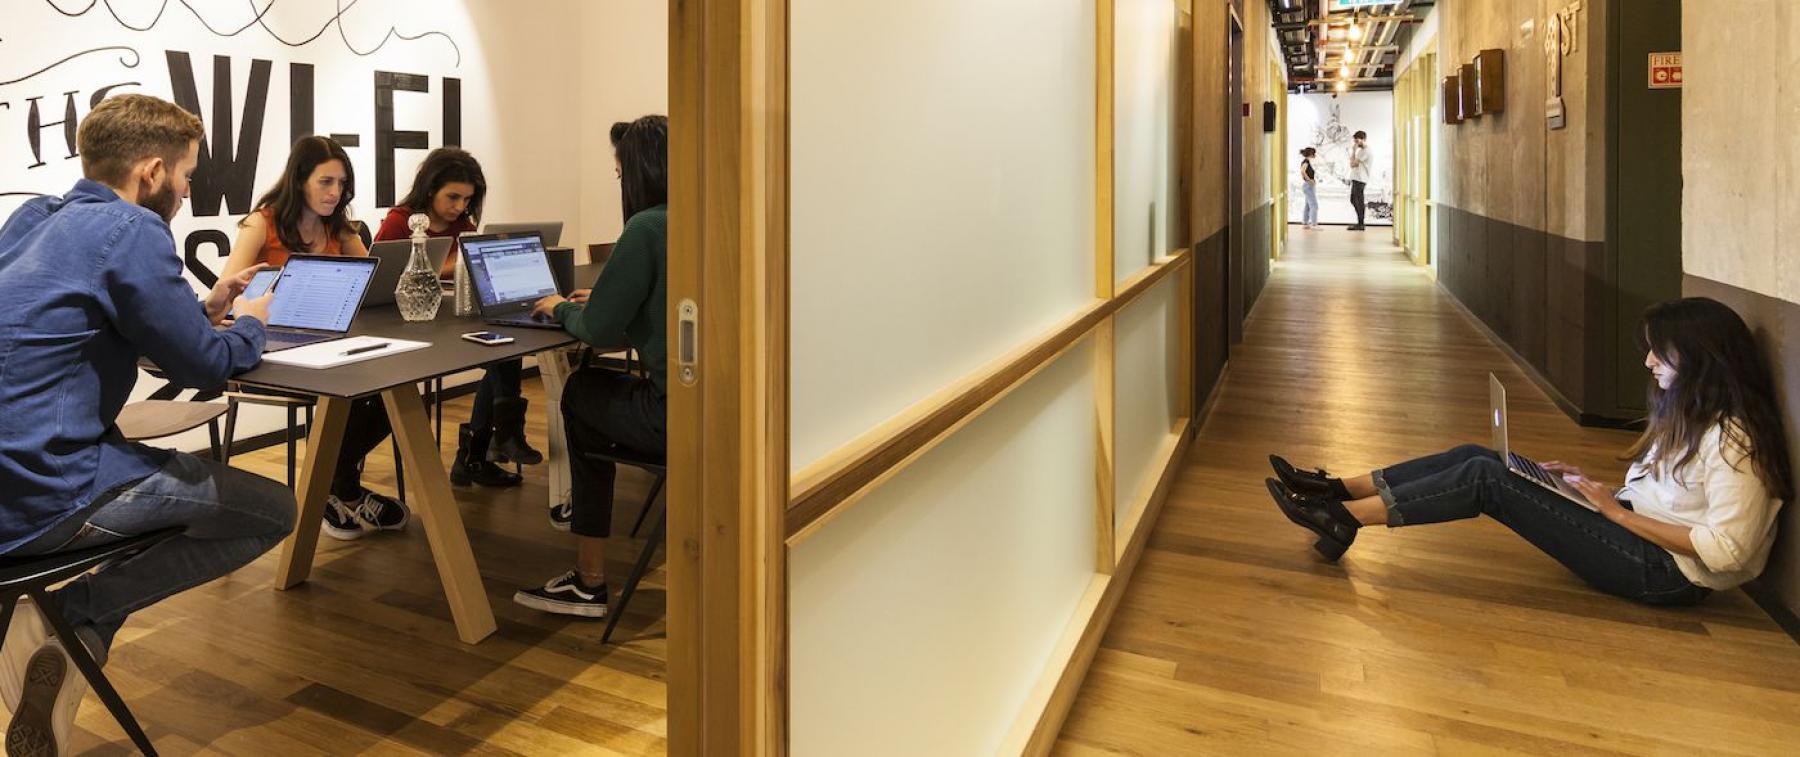 Arbeitsplätze in offenem Büro und modern designter Flur